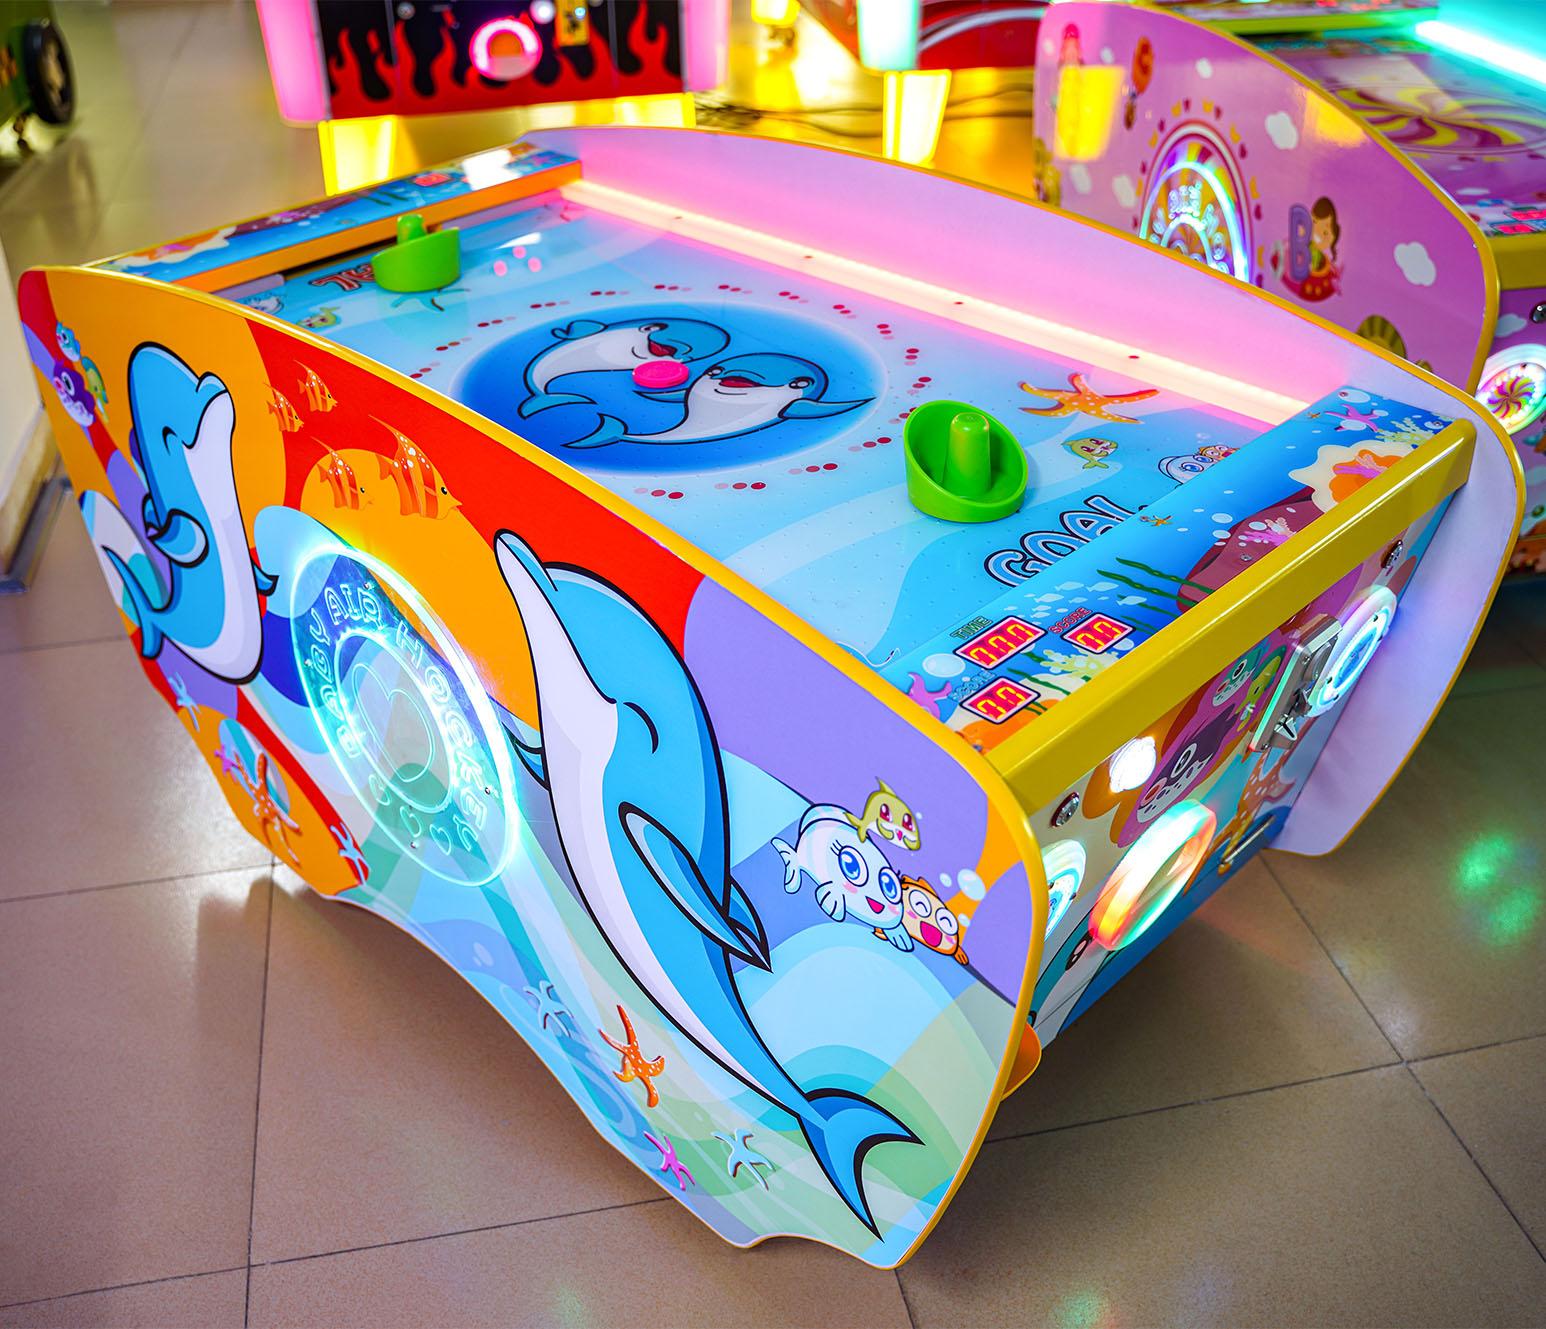 迷你气垫球儿童曲棍球亲子互动气垫球儿童游乐设备儿童电玩游戏机